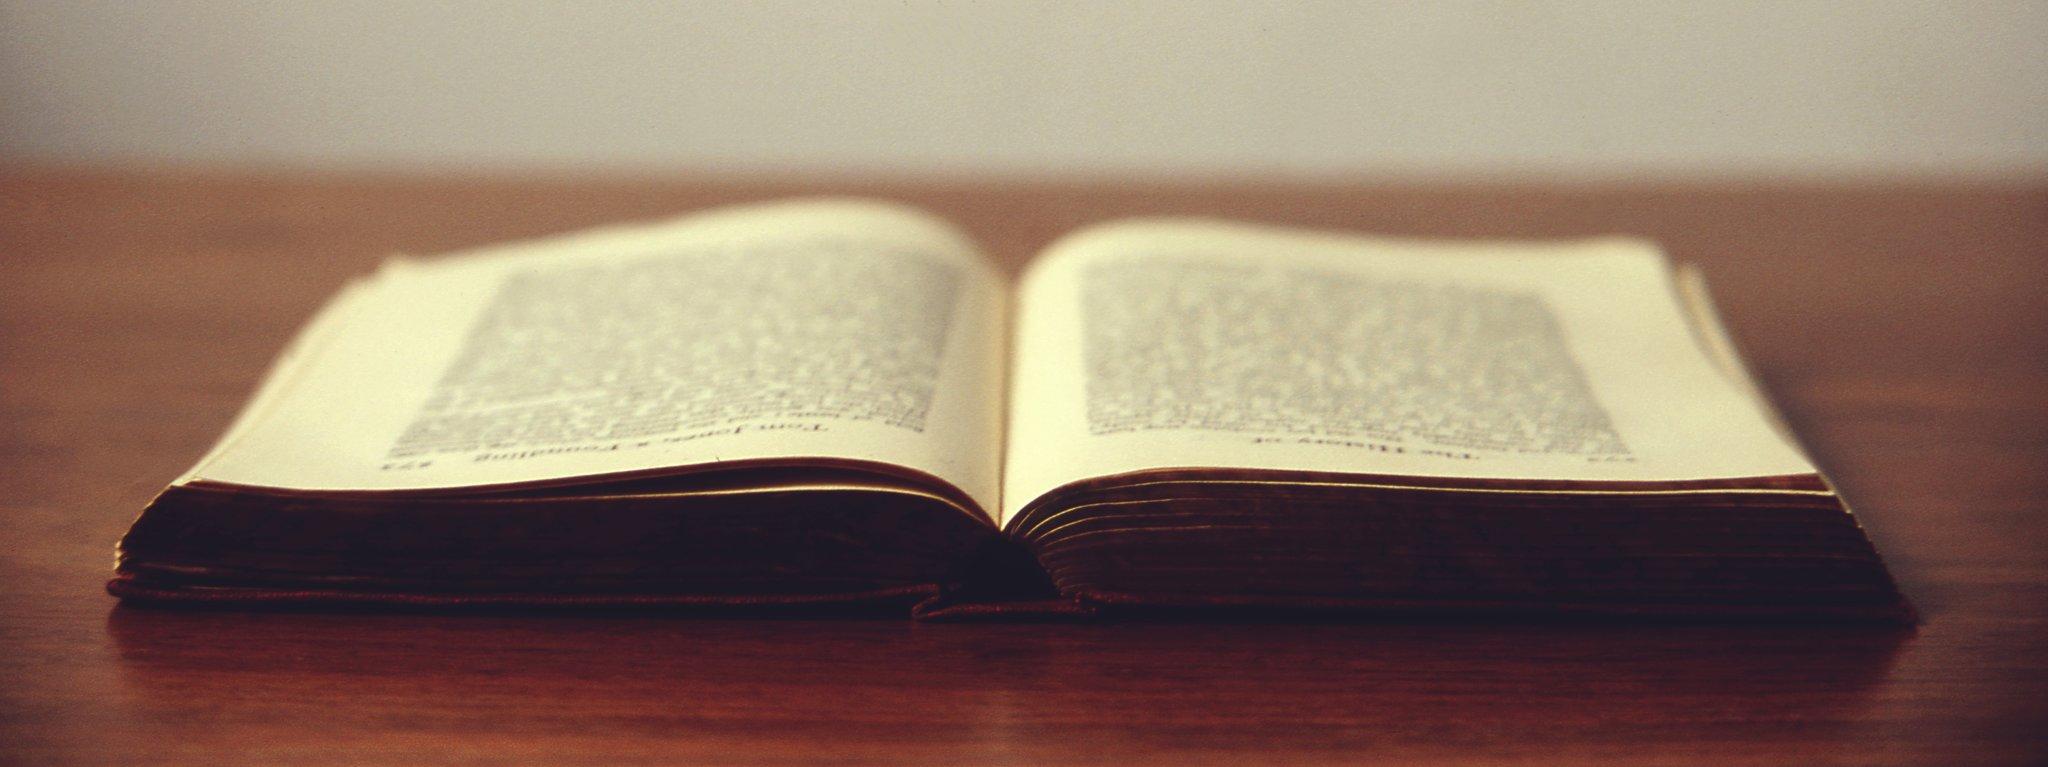 Książka: magia na każdej stronie Książka: magia na każdej stronie Źródło: licencja: CC 0.